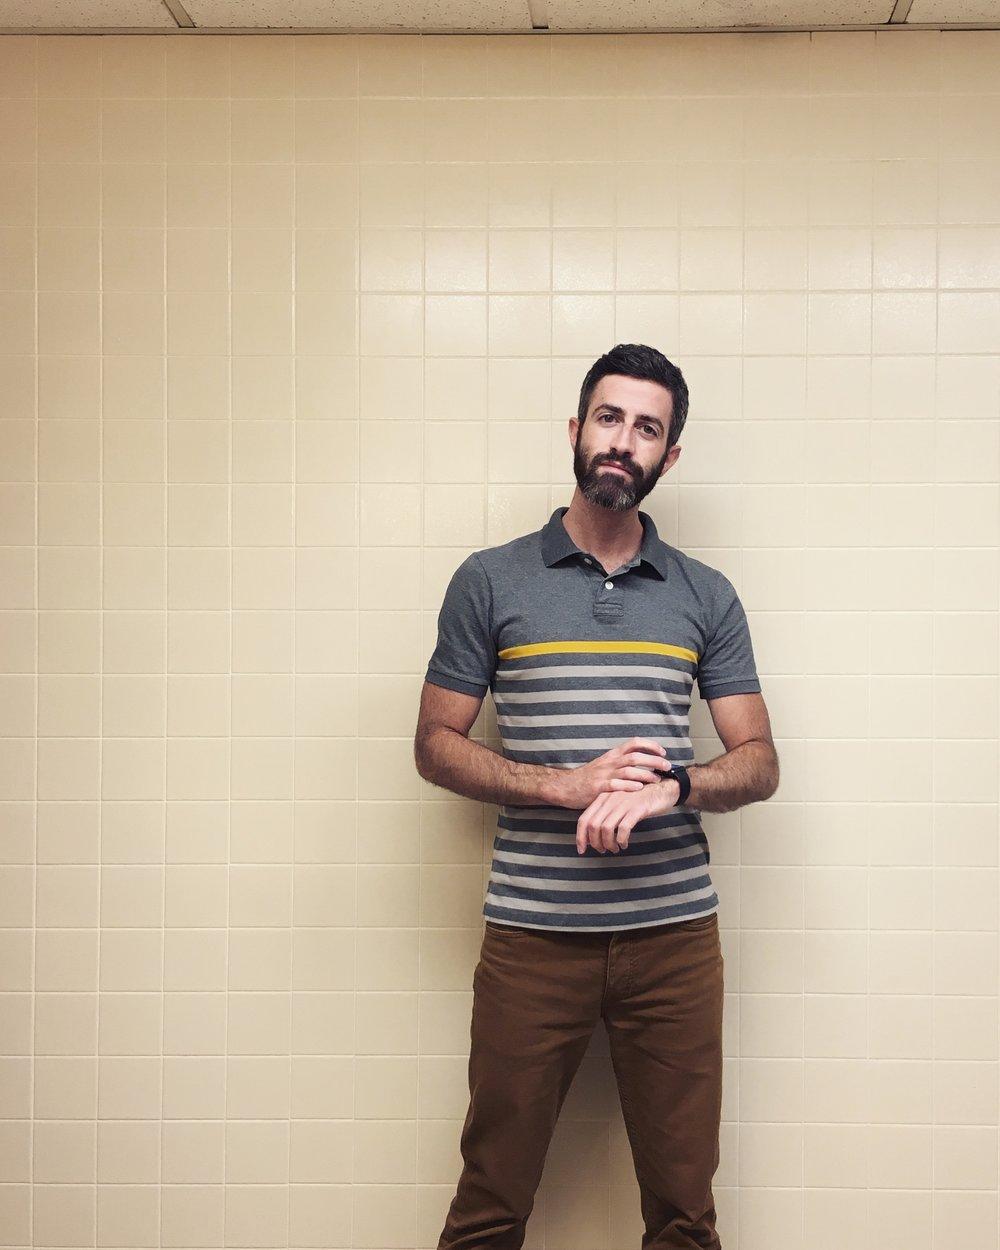 #applewatchselfie: Men's Room